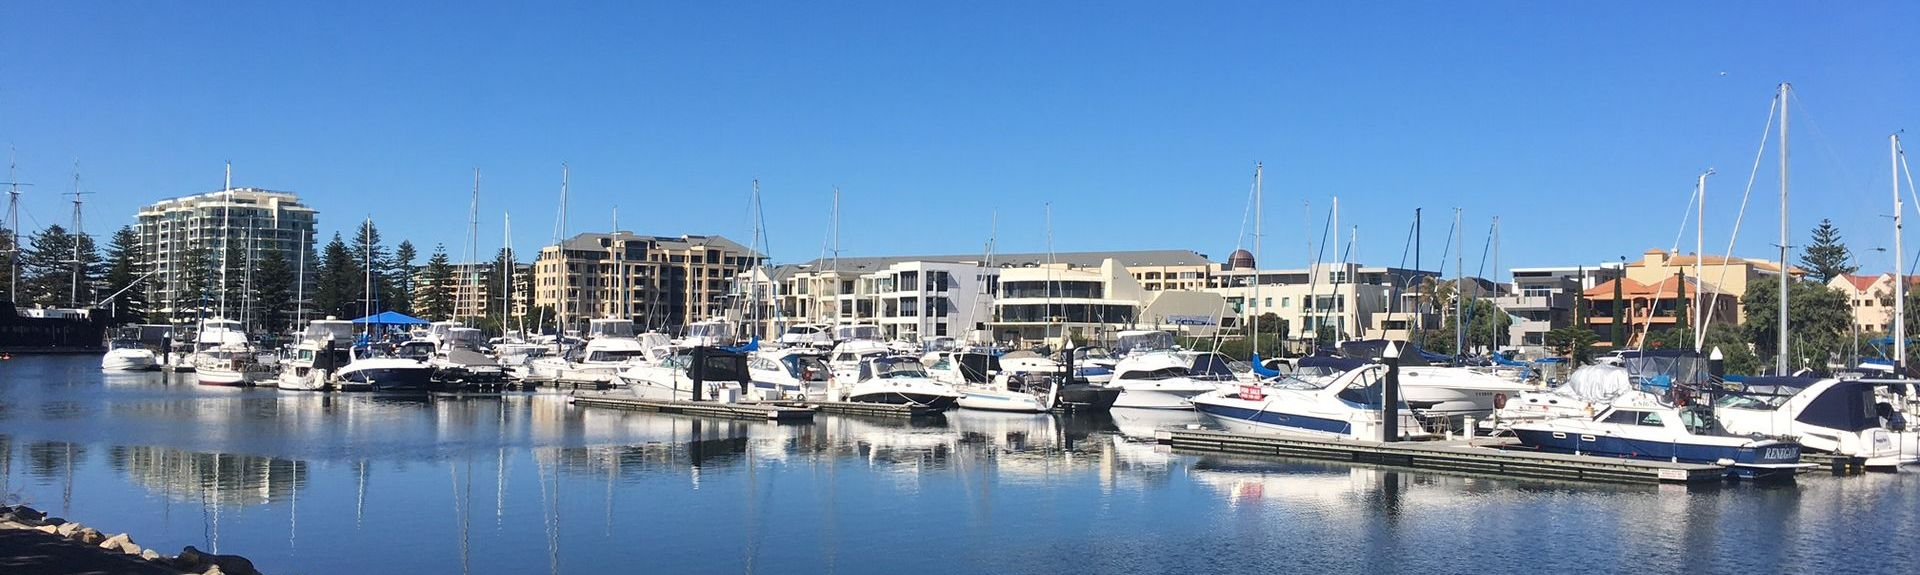 Ethelton, Adelaide, South Australia, Australië